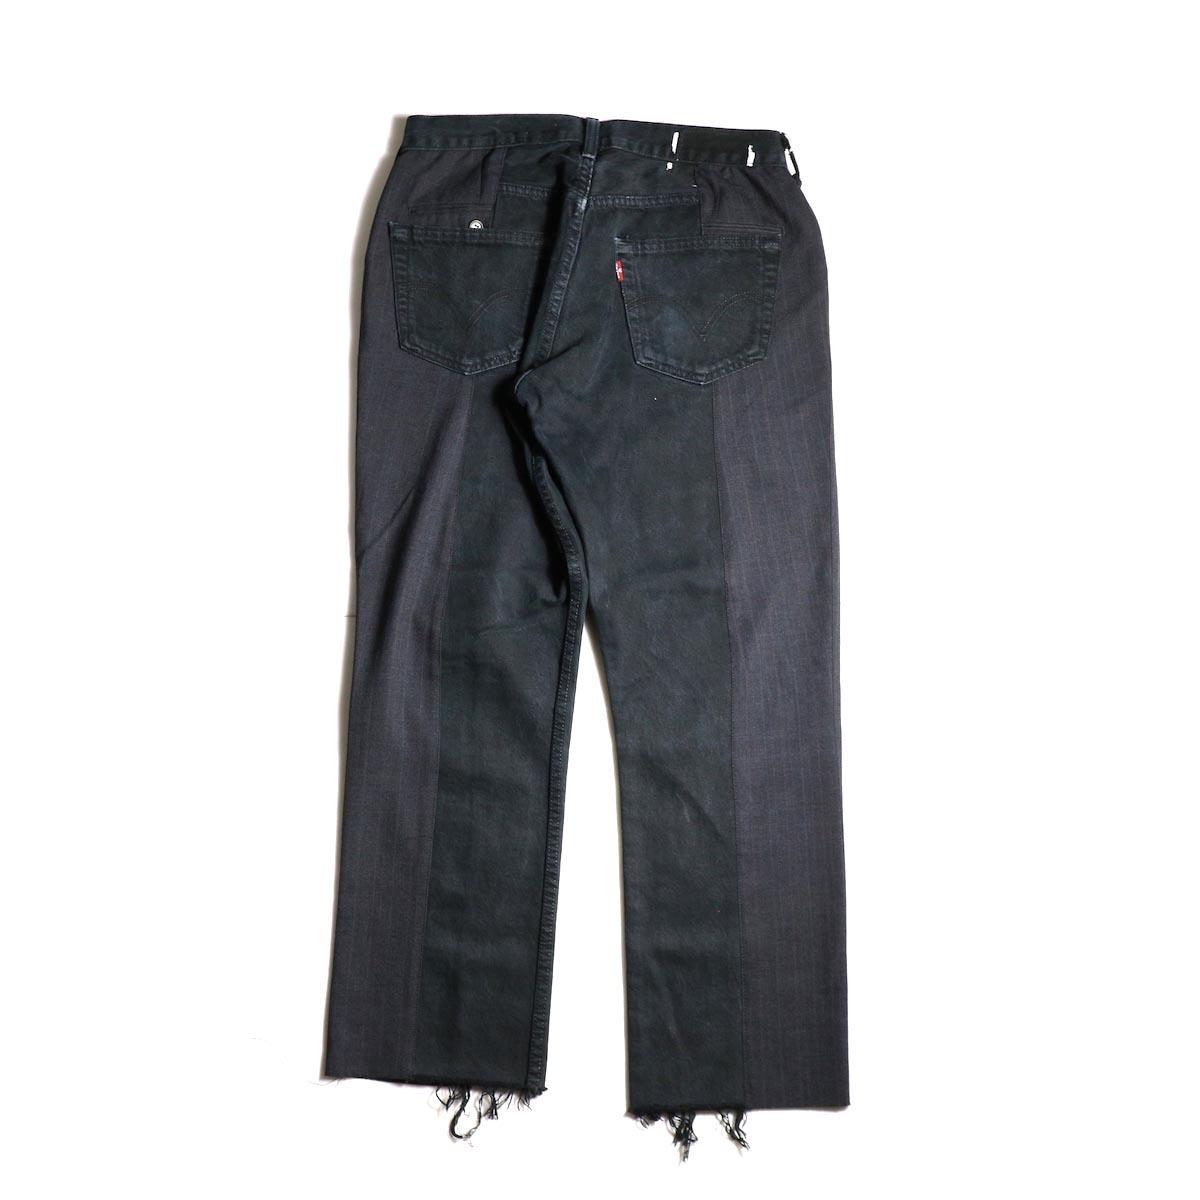 OLD PARK / Docking Jeans Black (Msize-A)背面